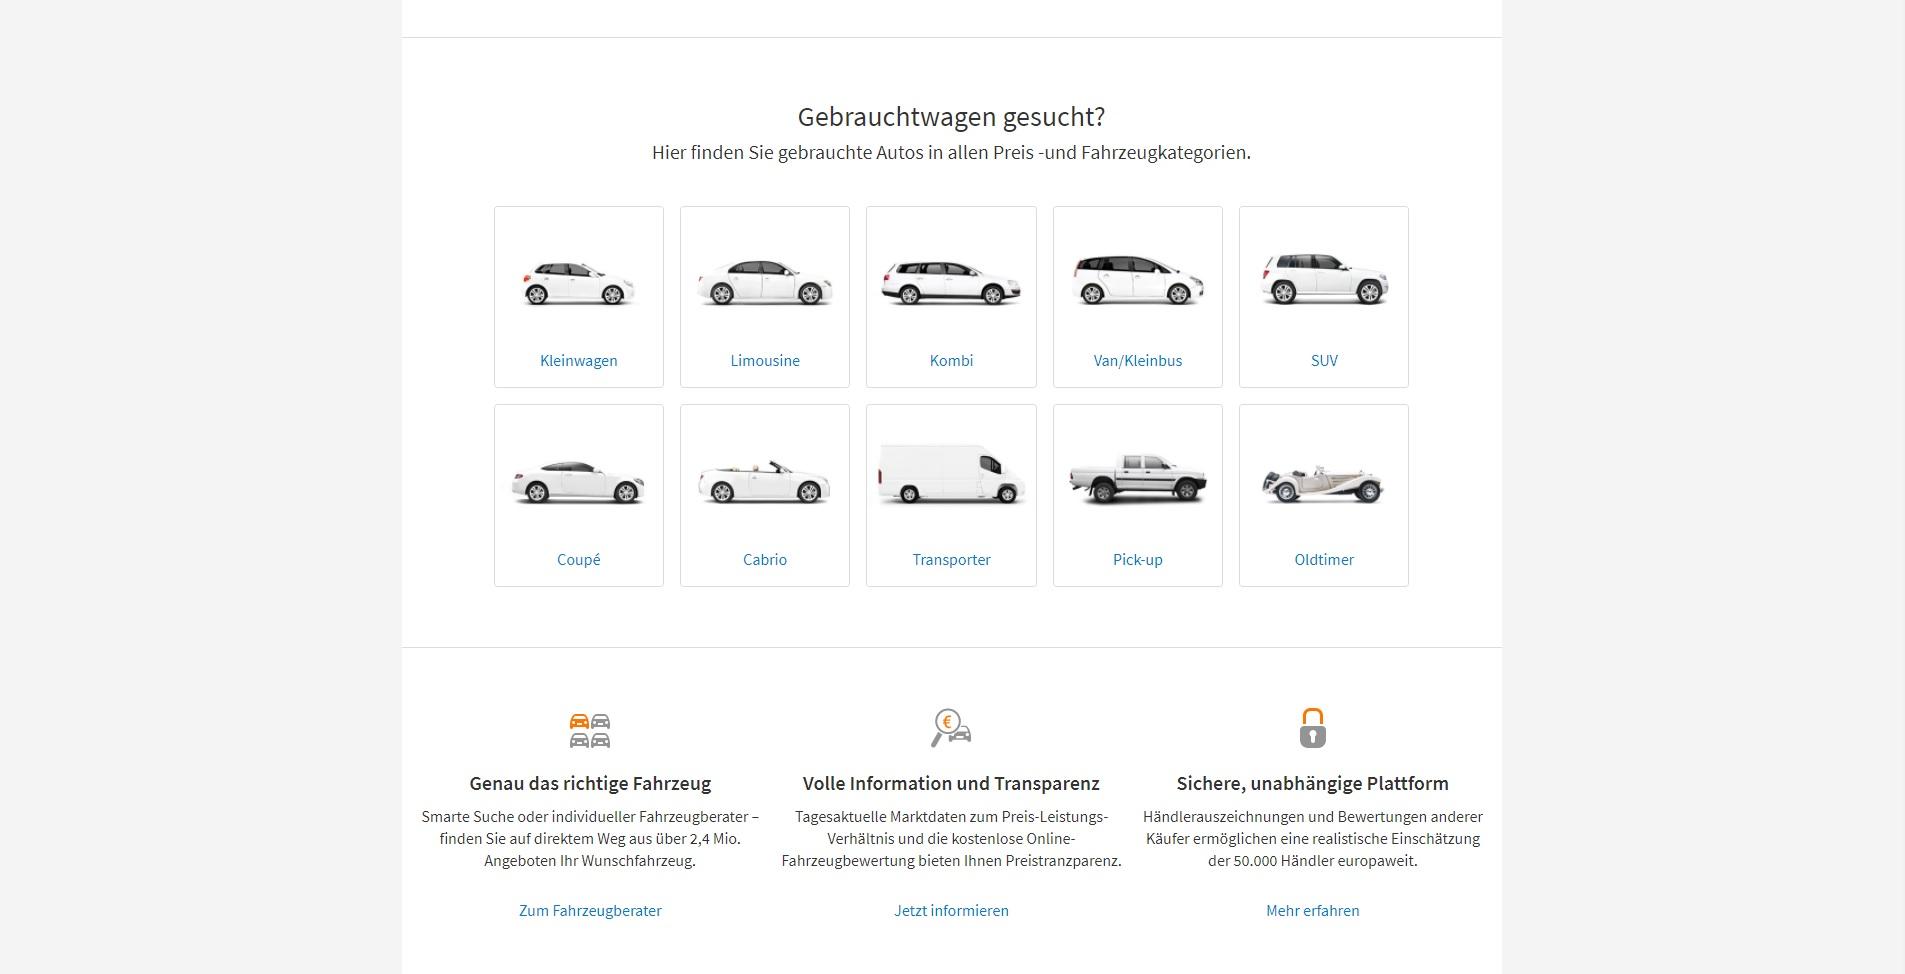 Alternativen Zu Autoscout24 Die Besten Autoscout24 Alternativen 2019